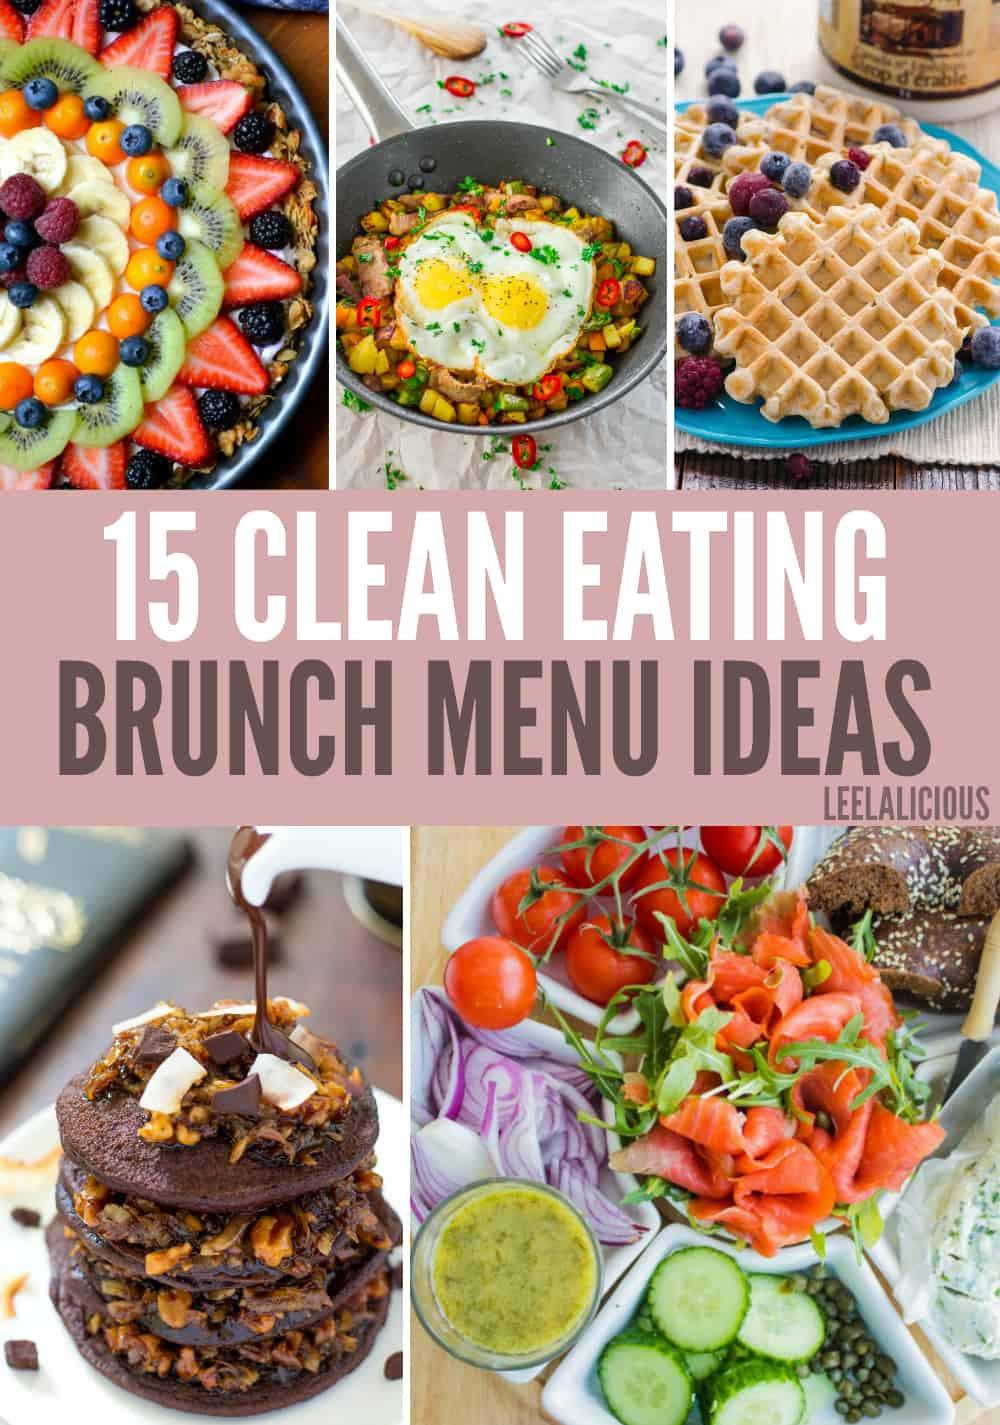 Best Easter Dinner Menu  15 Best Clean Eating Brunch Menu Ideas – LeelaLicious